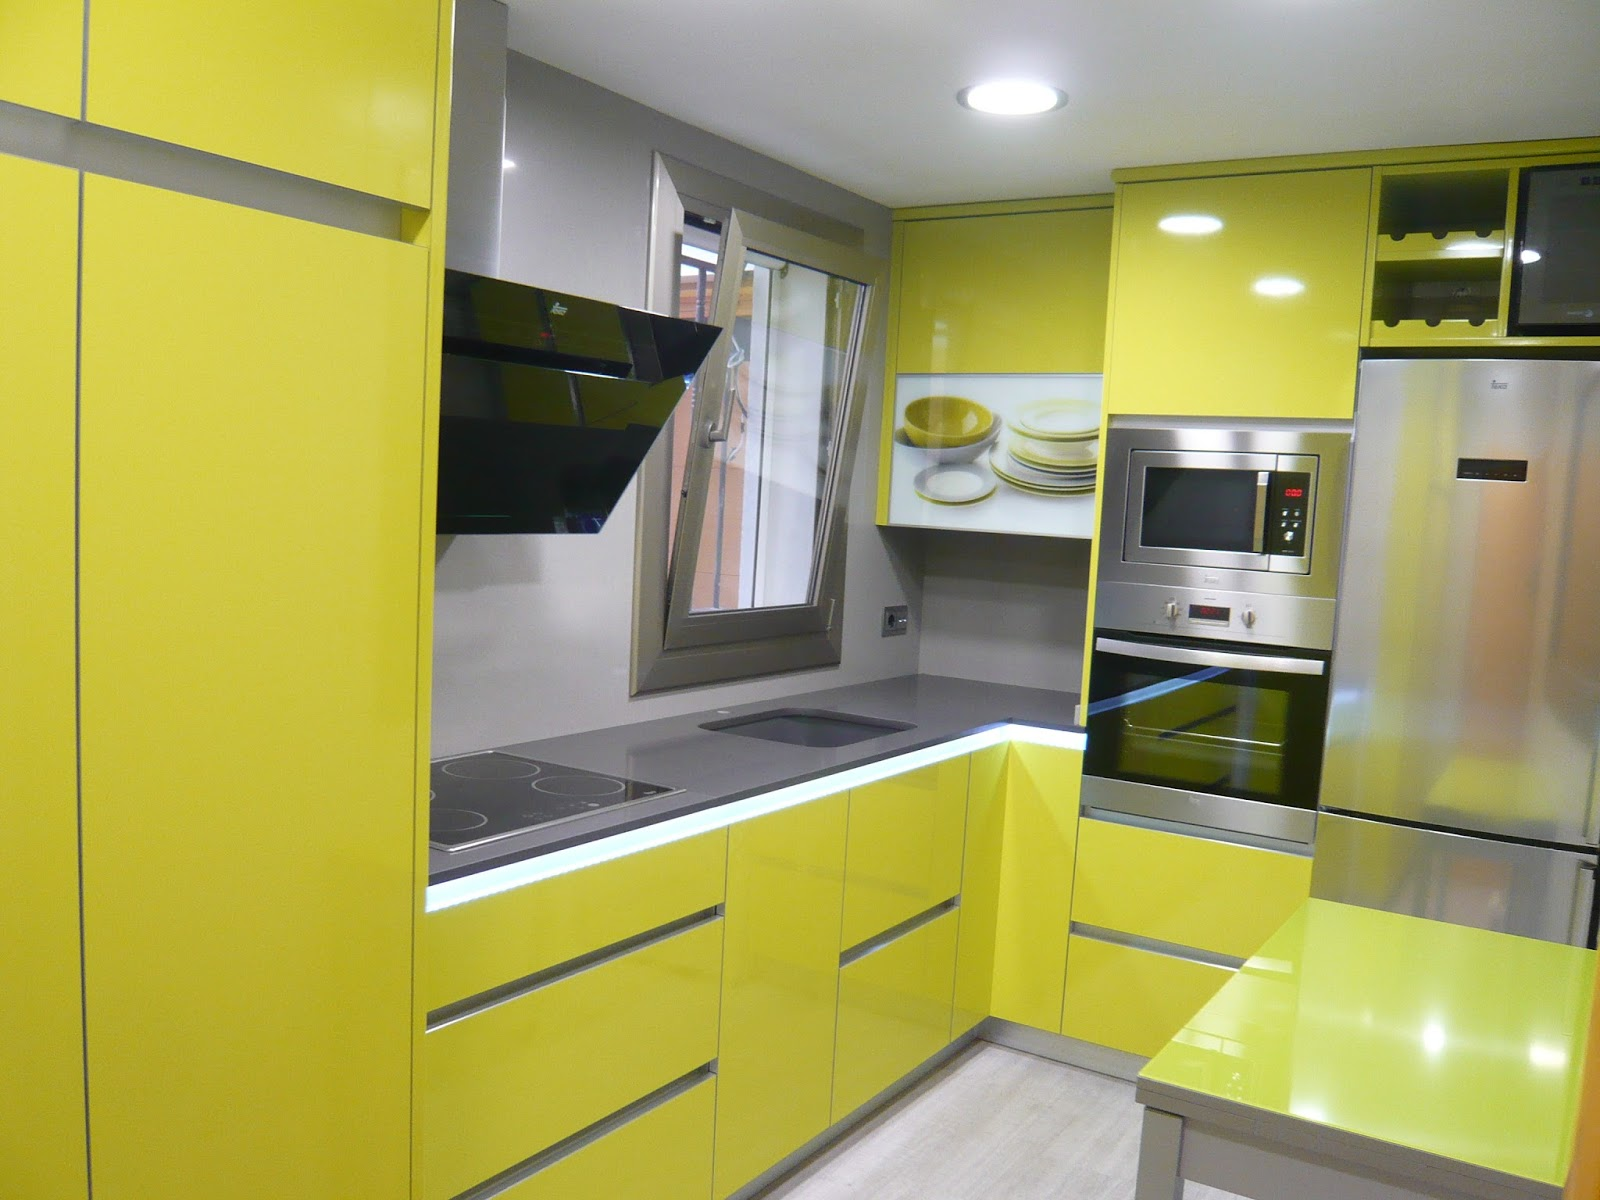 REUSCUINA Mueble de cocina verde pistacho sin tiradores